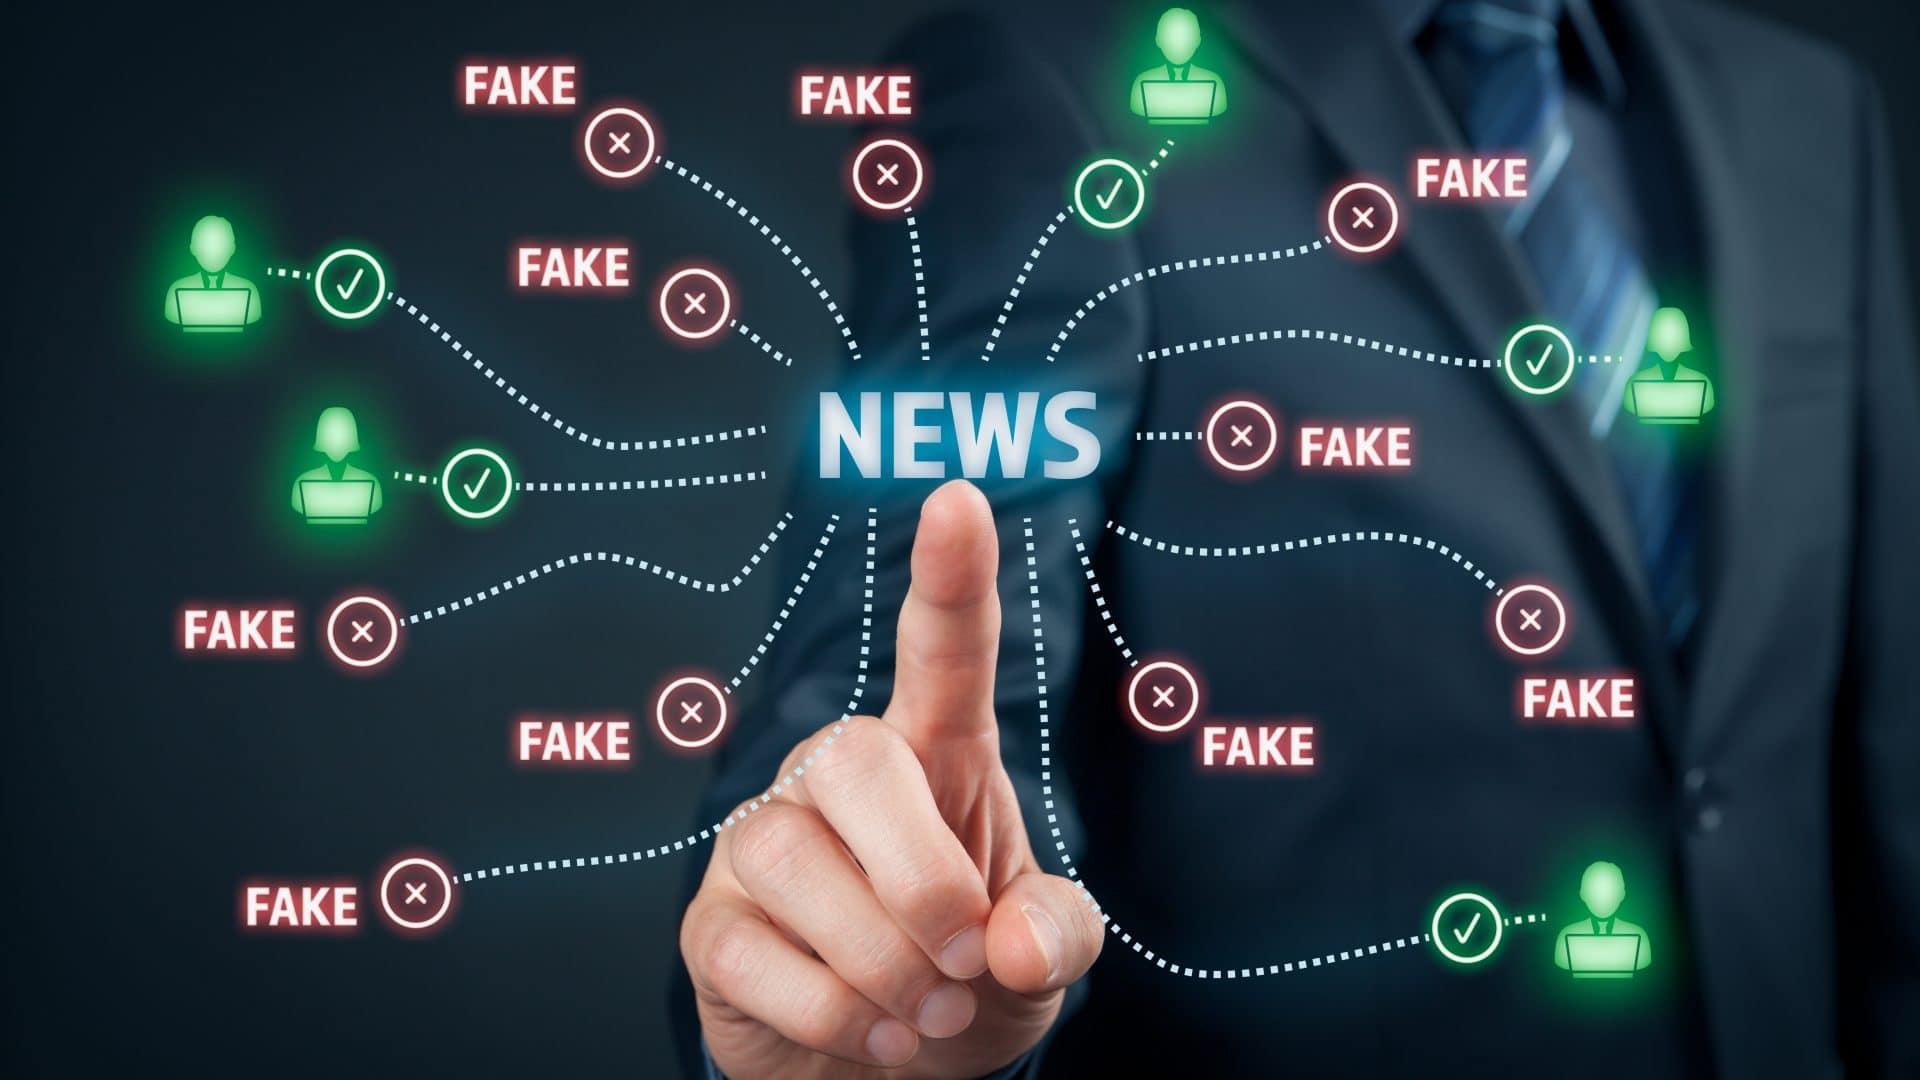 Guarda de mensagens enviadas em massa divide opiniões em debate sobre projeto das fake news